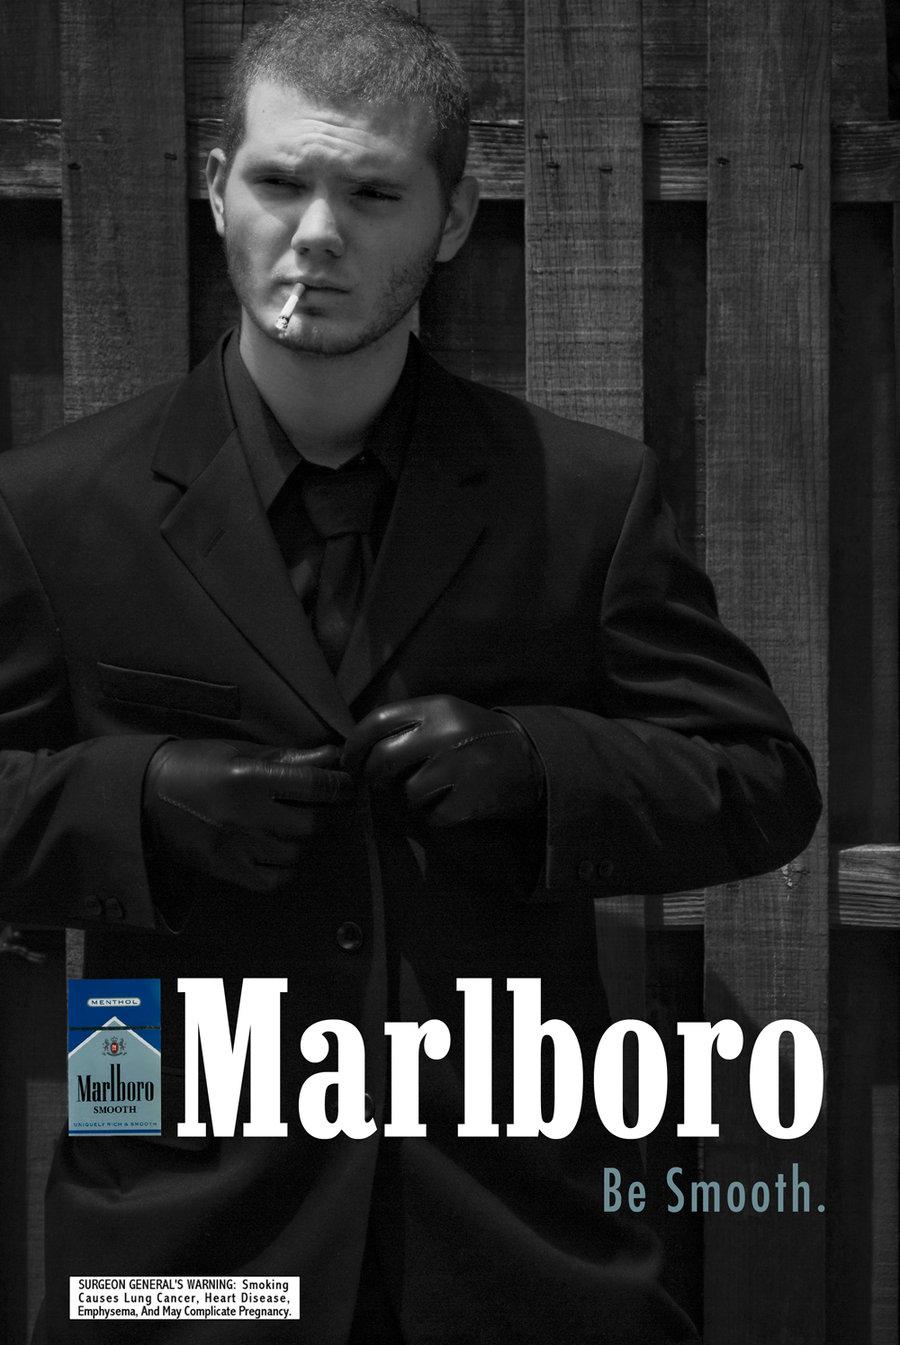 marlboro-man_193467